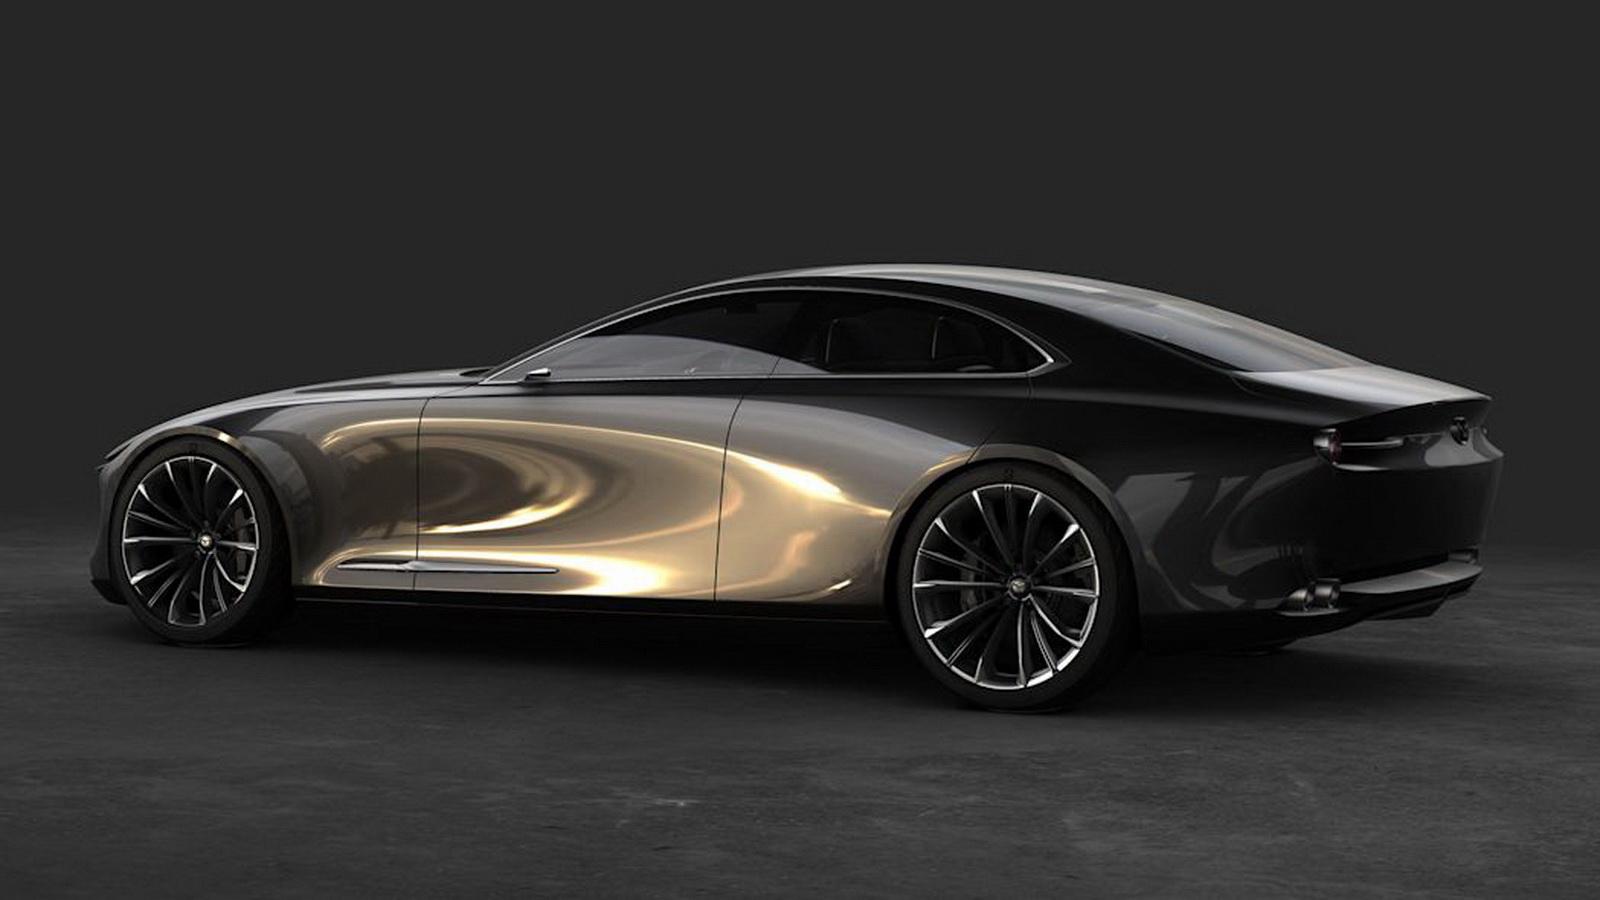 圖/下一代Mazda6可能採用與Toyota相同的直列六缸引擎,最大功率可達到350,強悍性能令人期待。